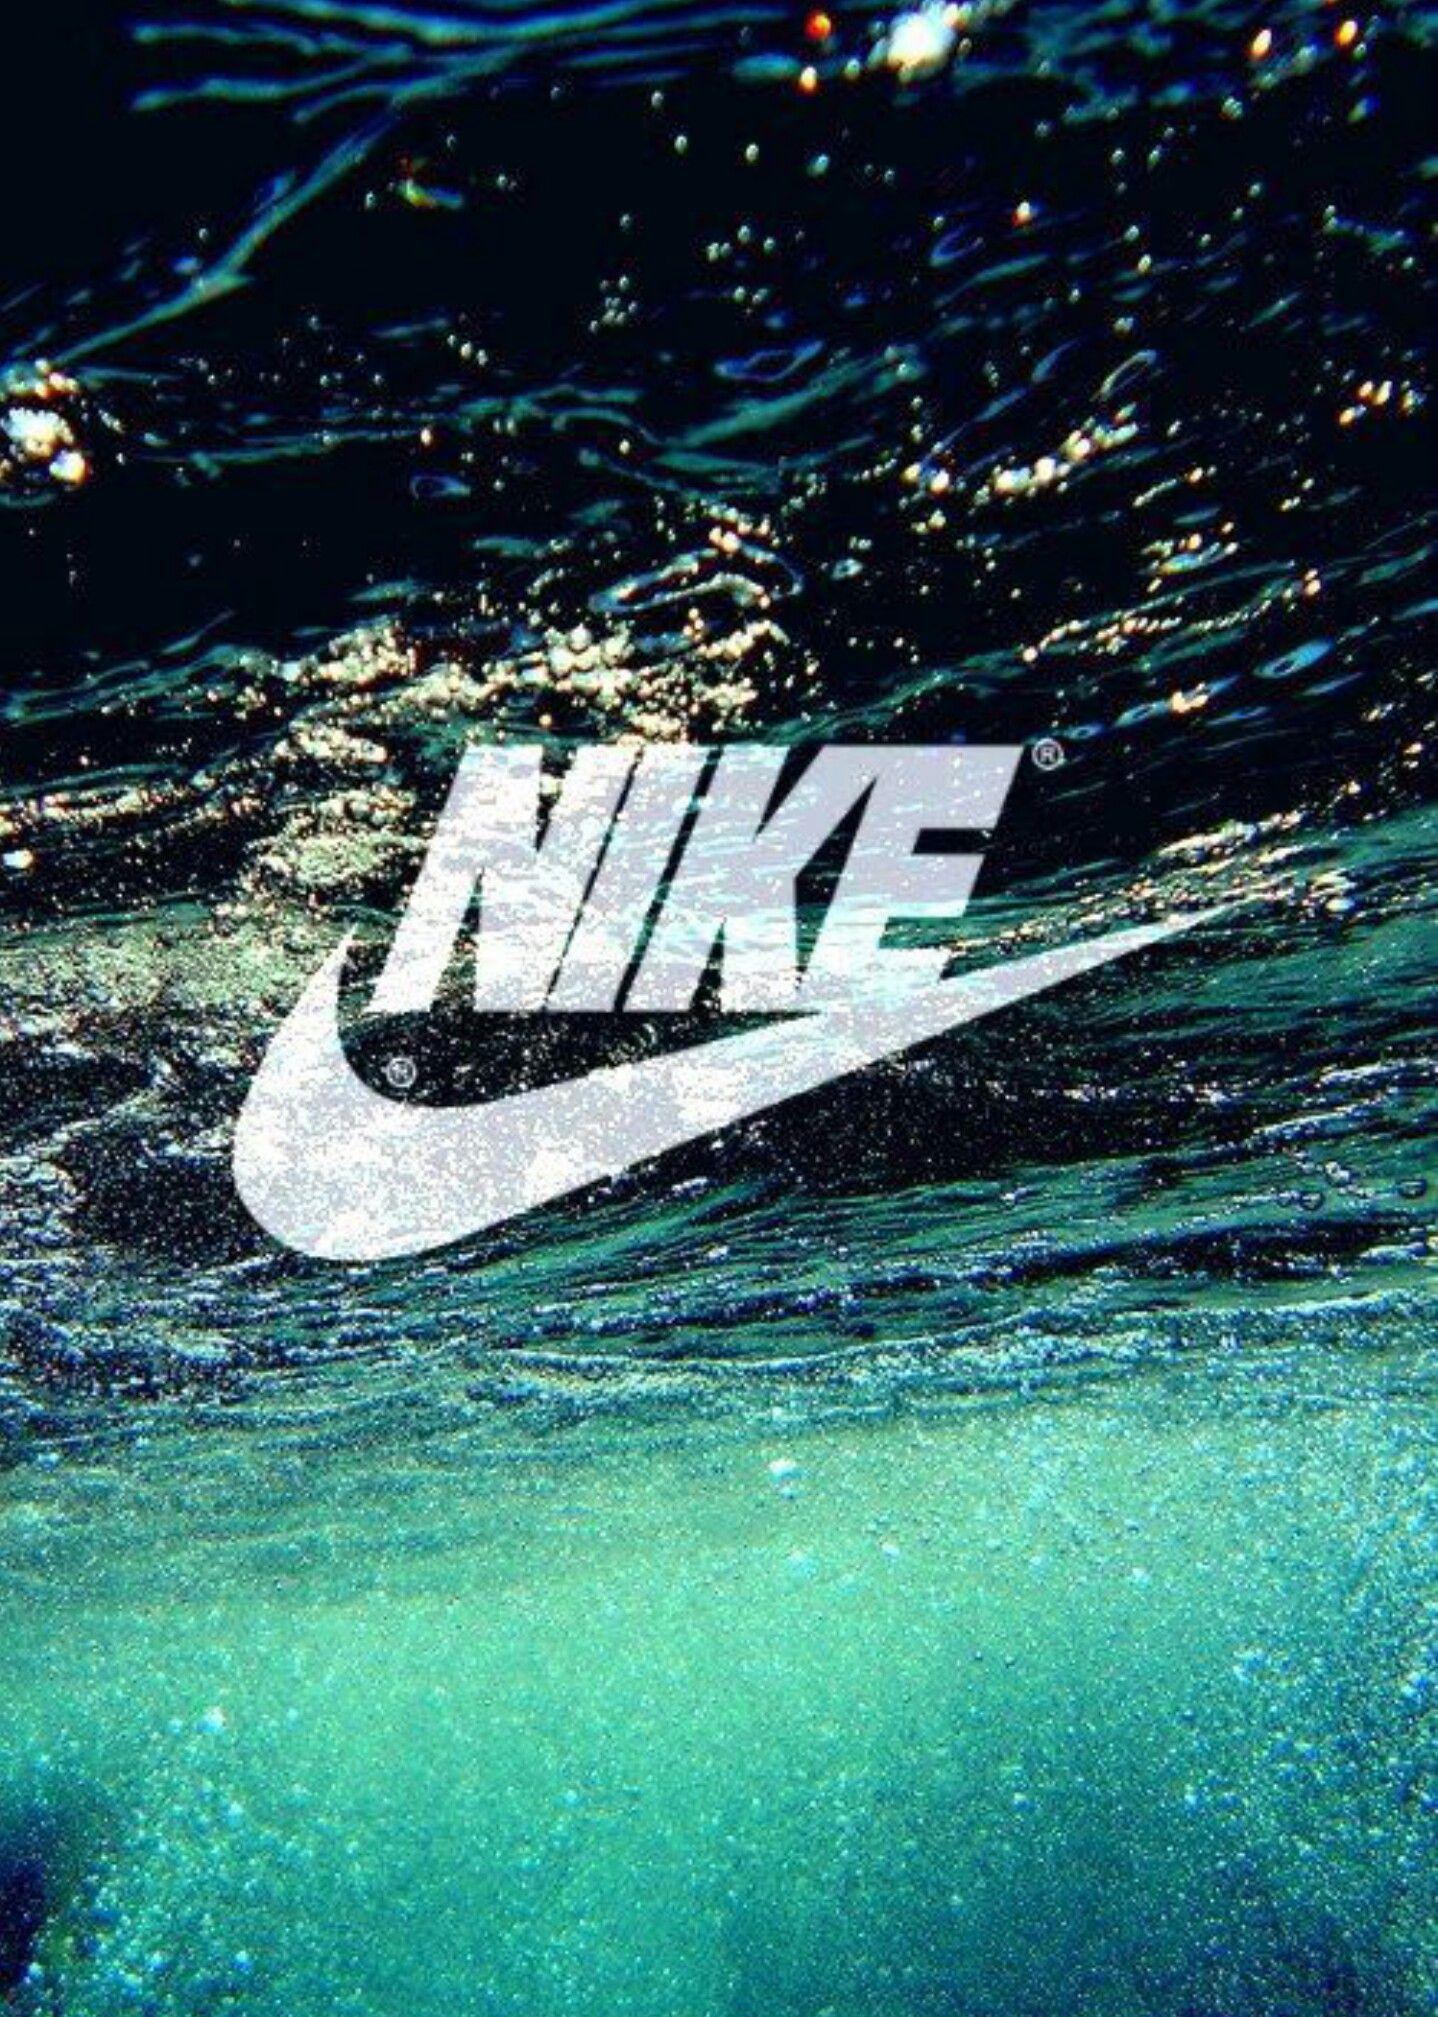 Pin by K Lafleur on Wallpaper in 2019 | Nike, Nike logo ... |Foamposites Wallpaper Hd